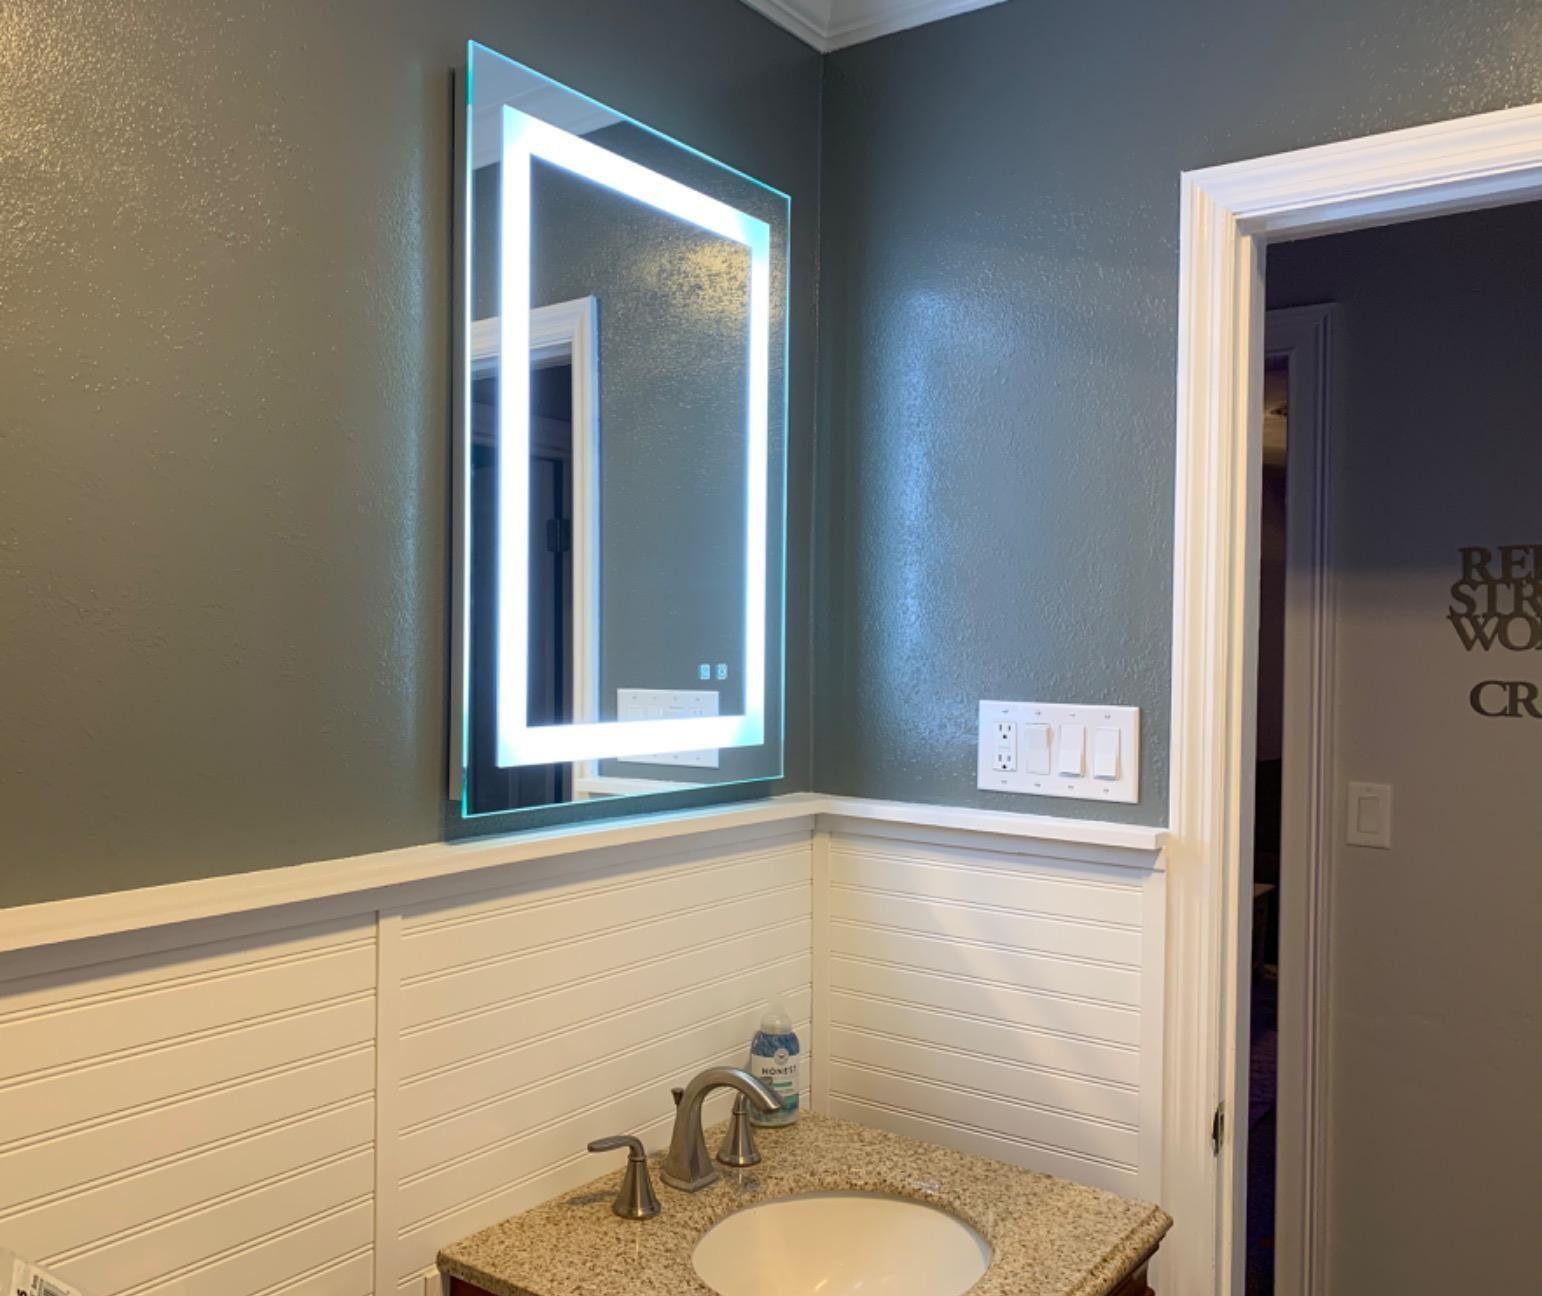 带有方形周长的镜子的LED灯悬挂在浴室水槽上